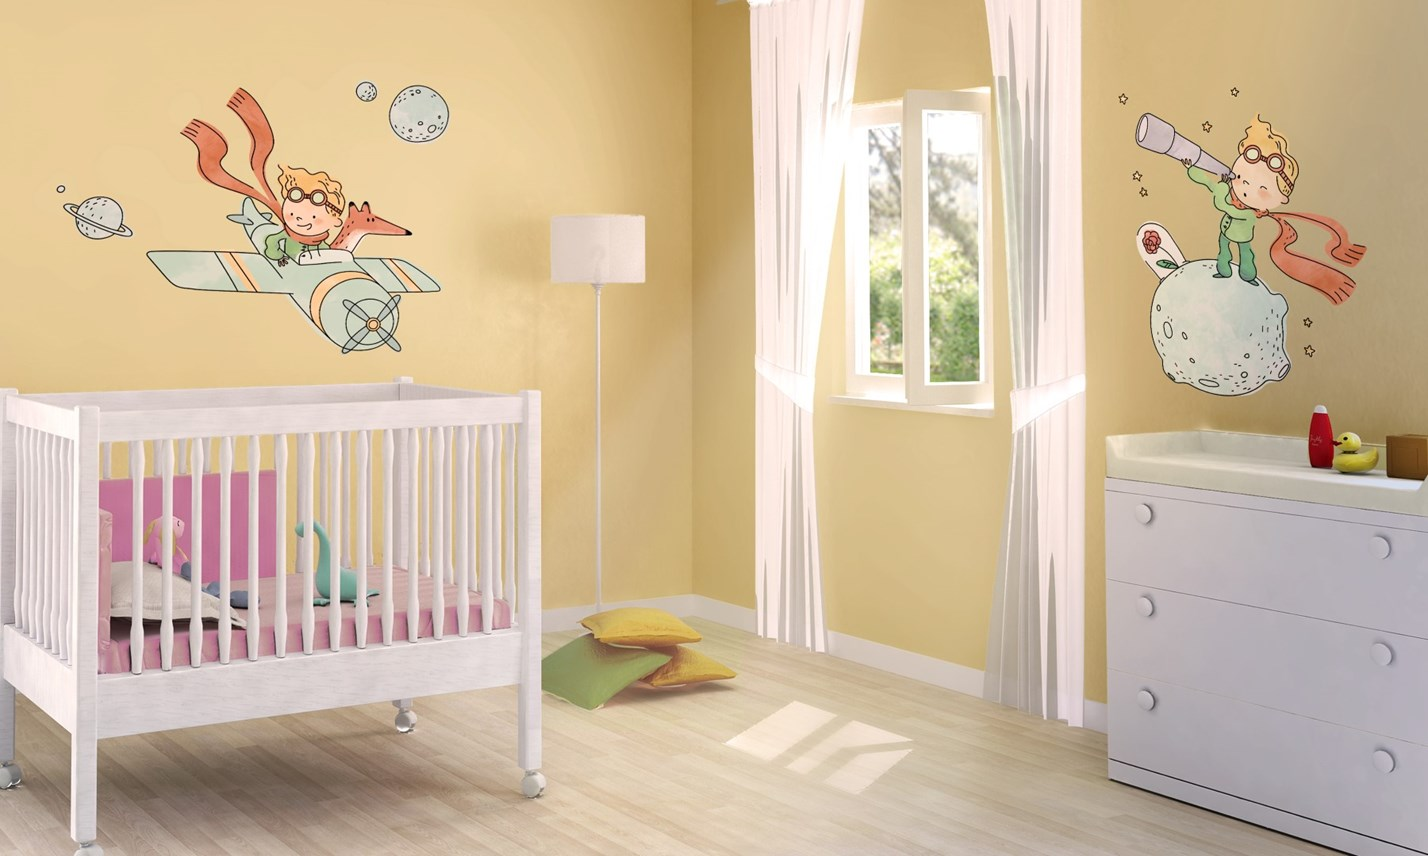 Decorazioni Bagno Bambini : Stickers murali bambini cameretta il piccolo principe leostickers